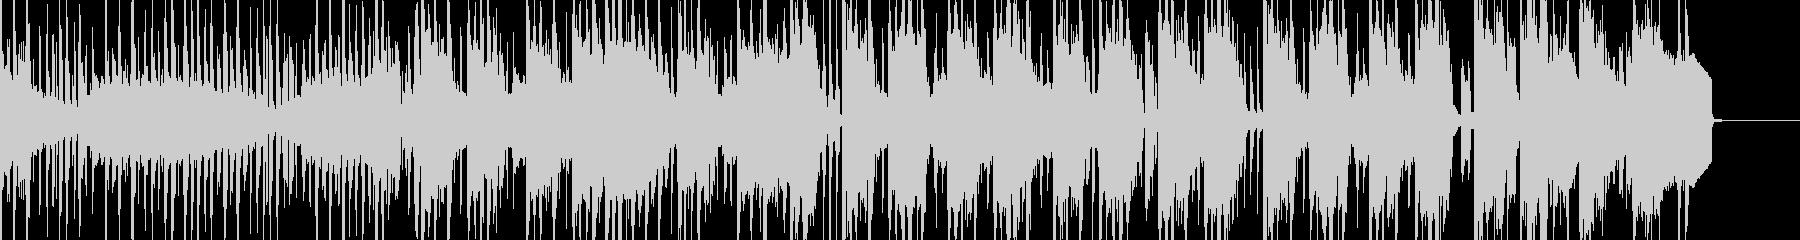 DJバトルのようなブレイクビーツの未再生の波形